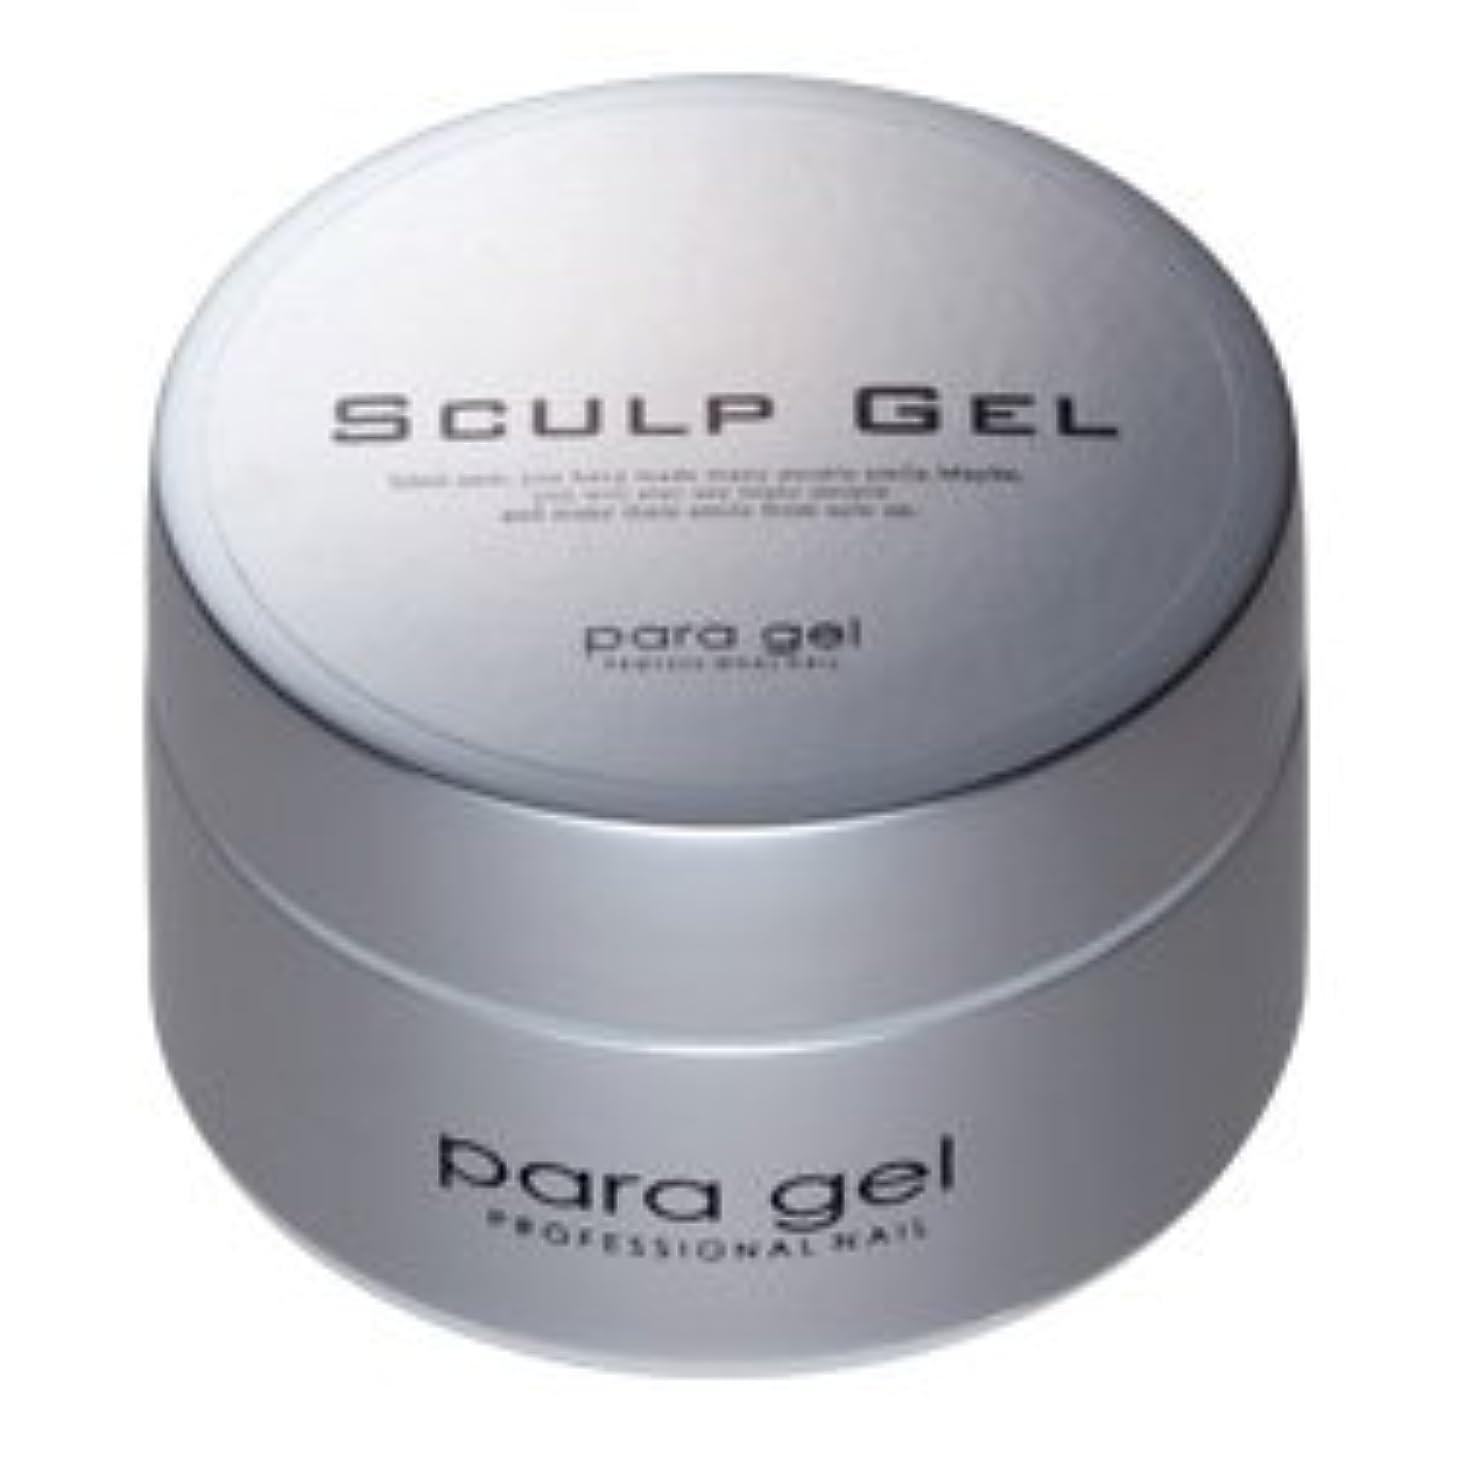 コインランドリー十分平衡★para gel(パラジェル) <BR>スカルプジェル 10g